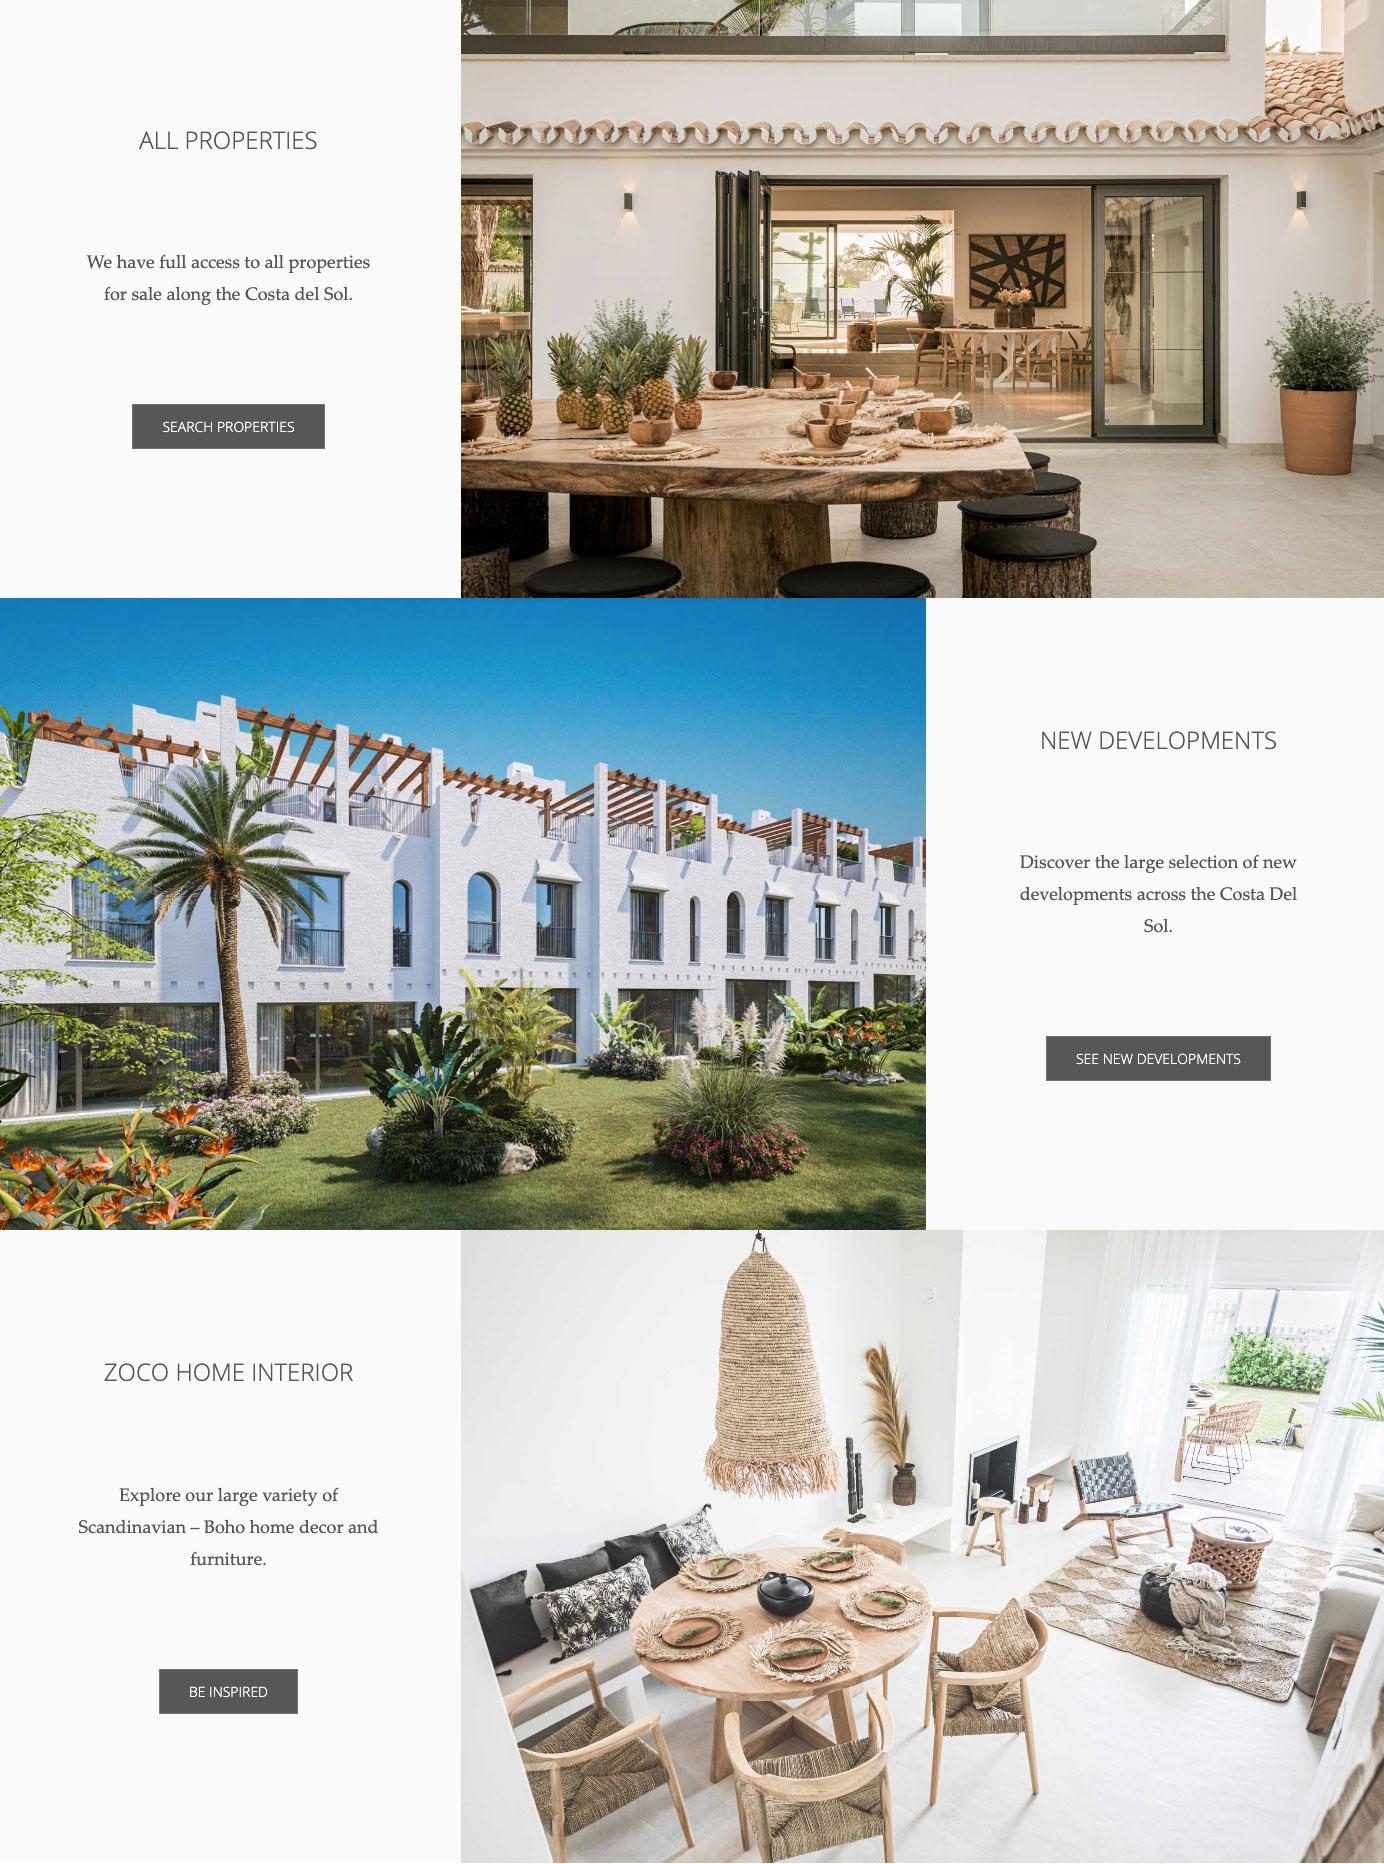 Mobile first website design marbella zoco homes real estate website design